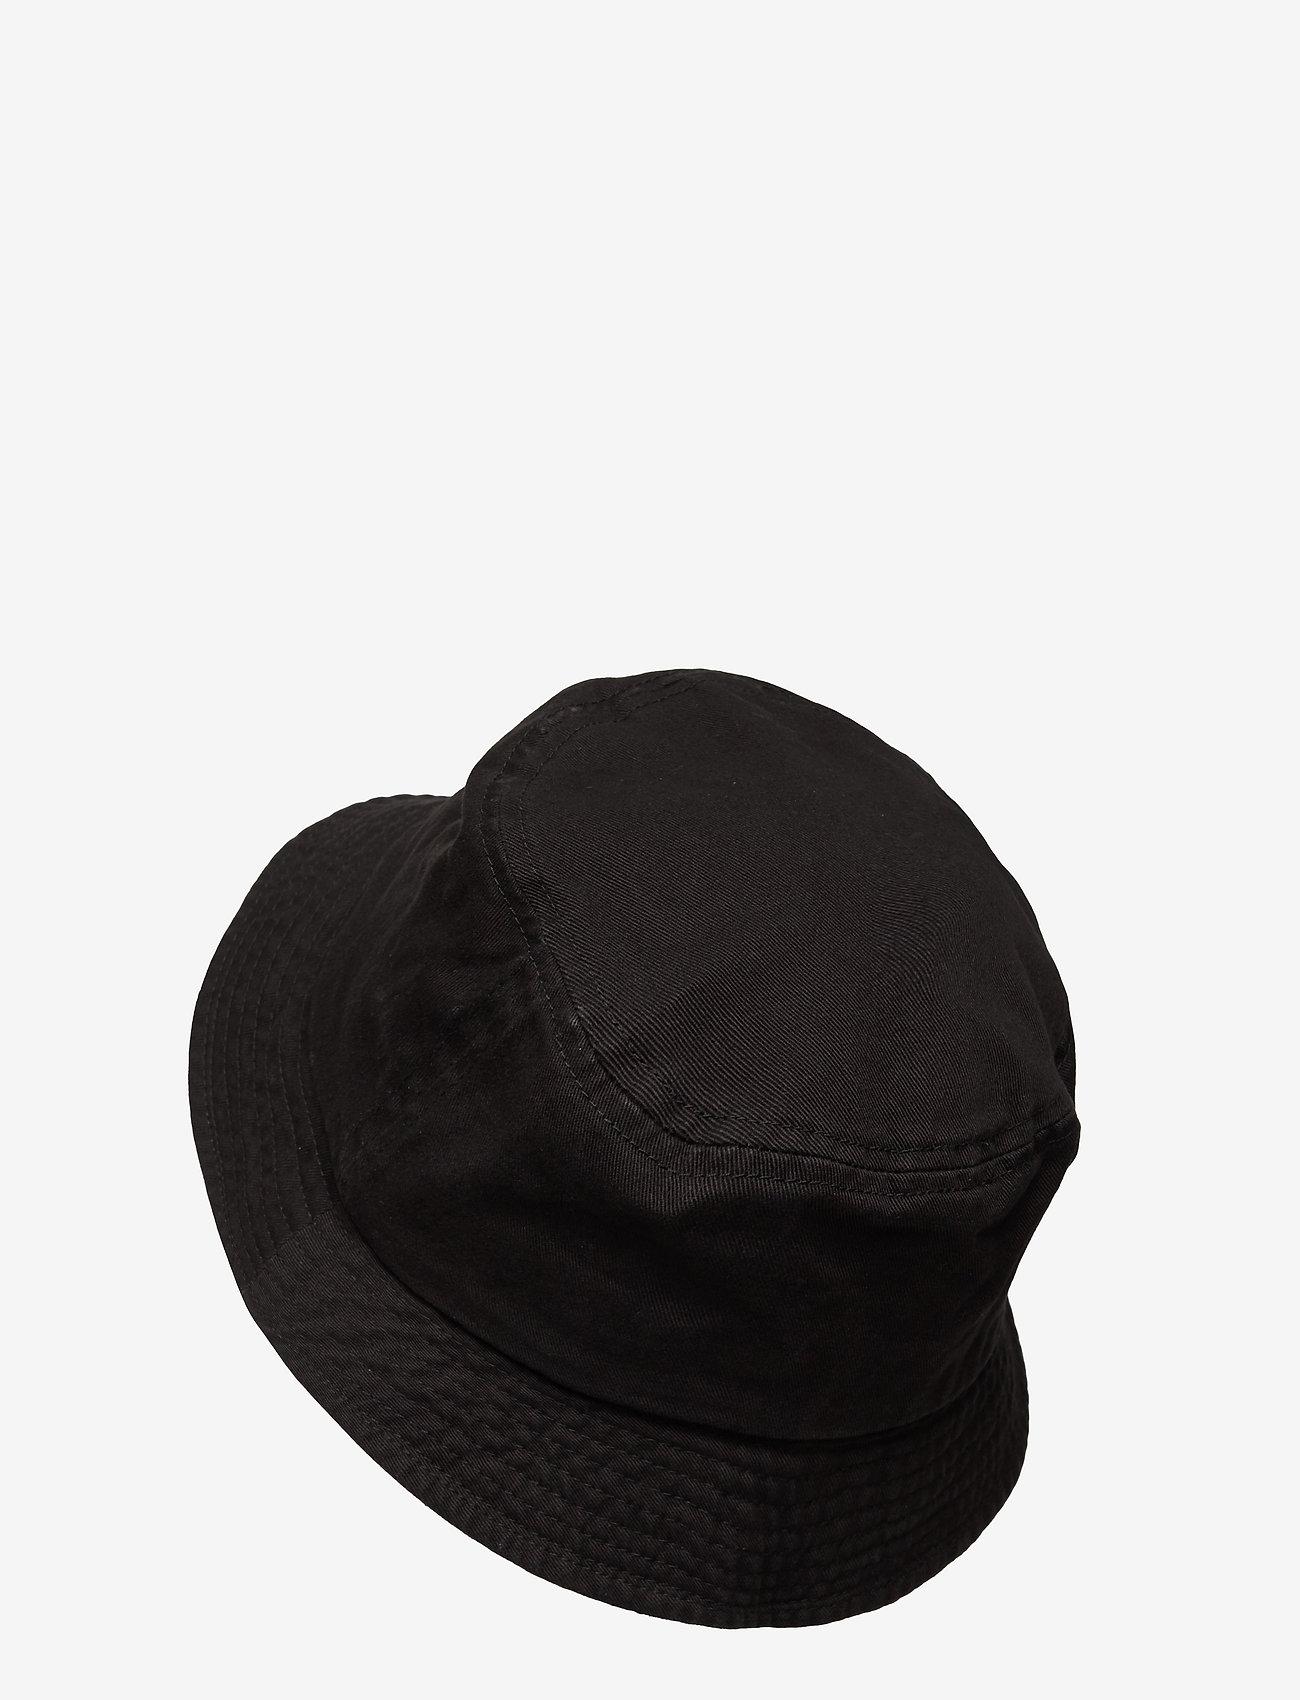 Kangol - KG WASHED BUCKET - bucket hats - black - 1